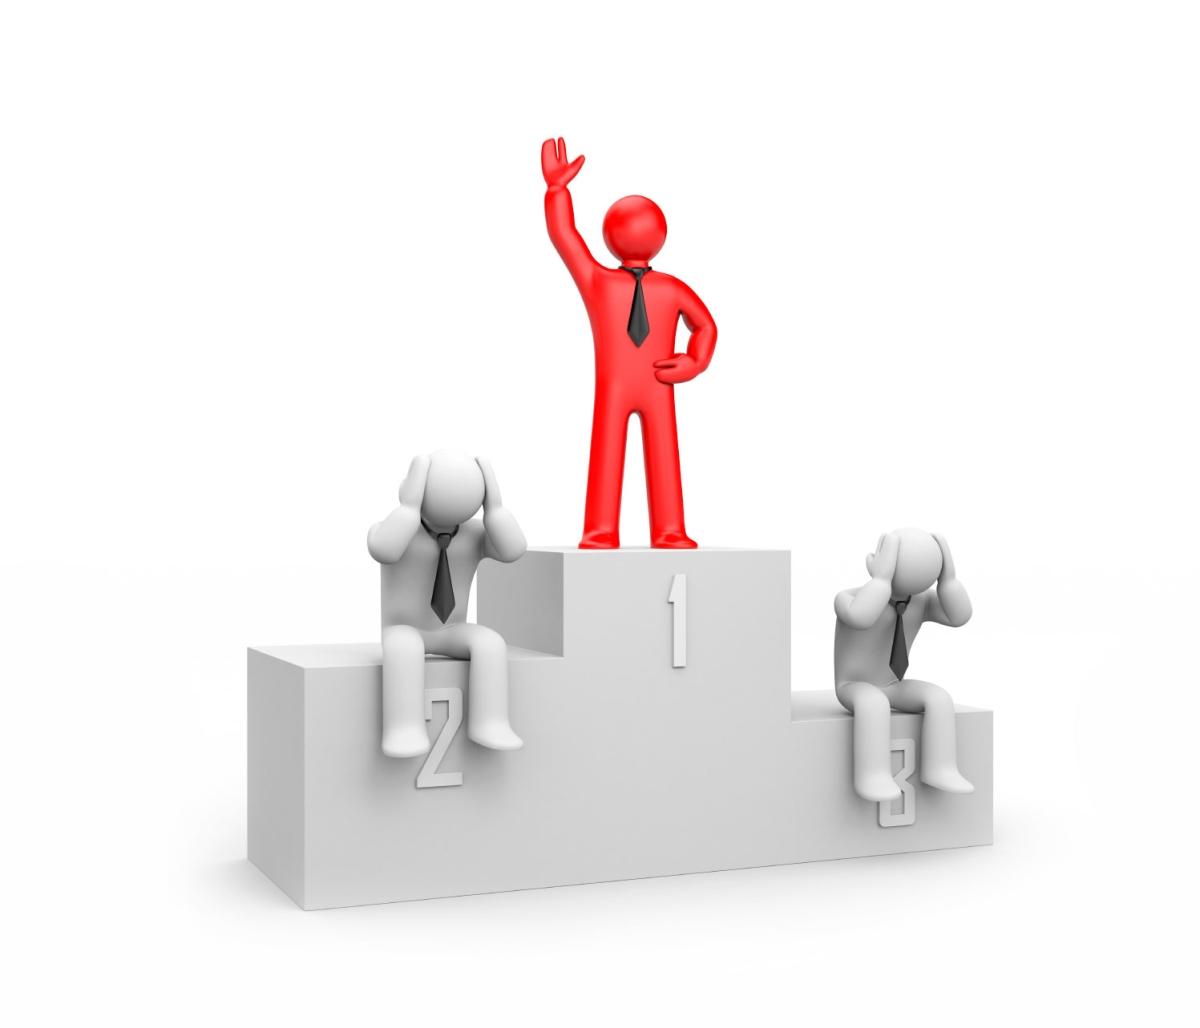 Tìm hiểu những thuận lợi và khó khăn khi bắt đầu khởi nghiệp và mở công ty  tại Long An